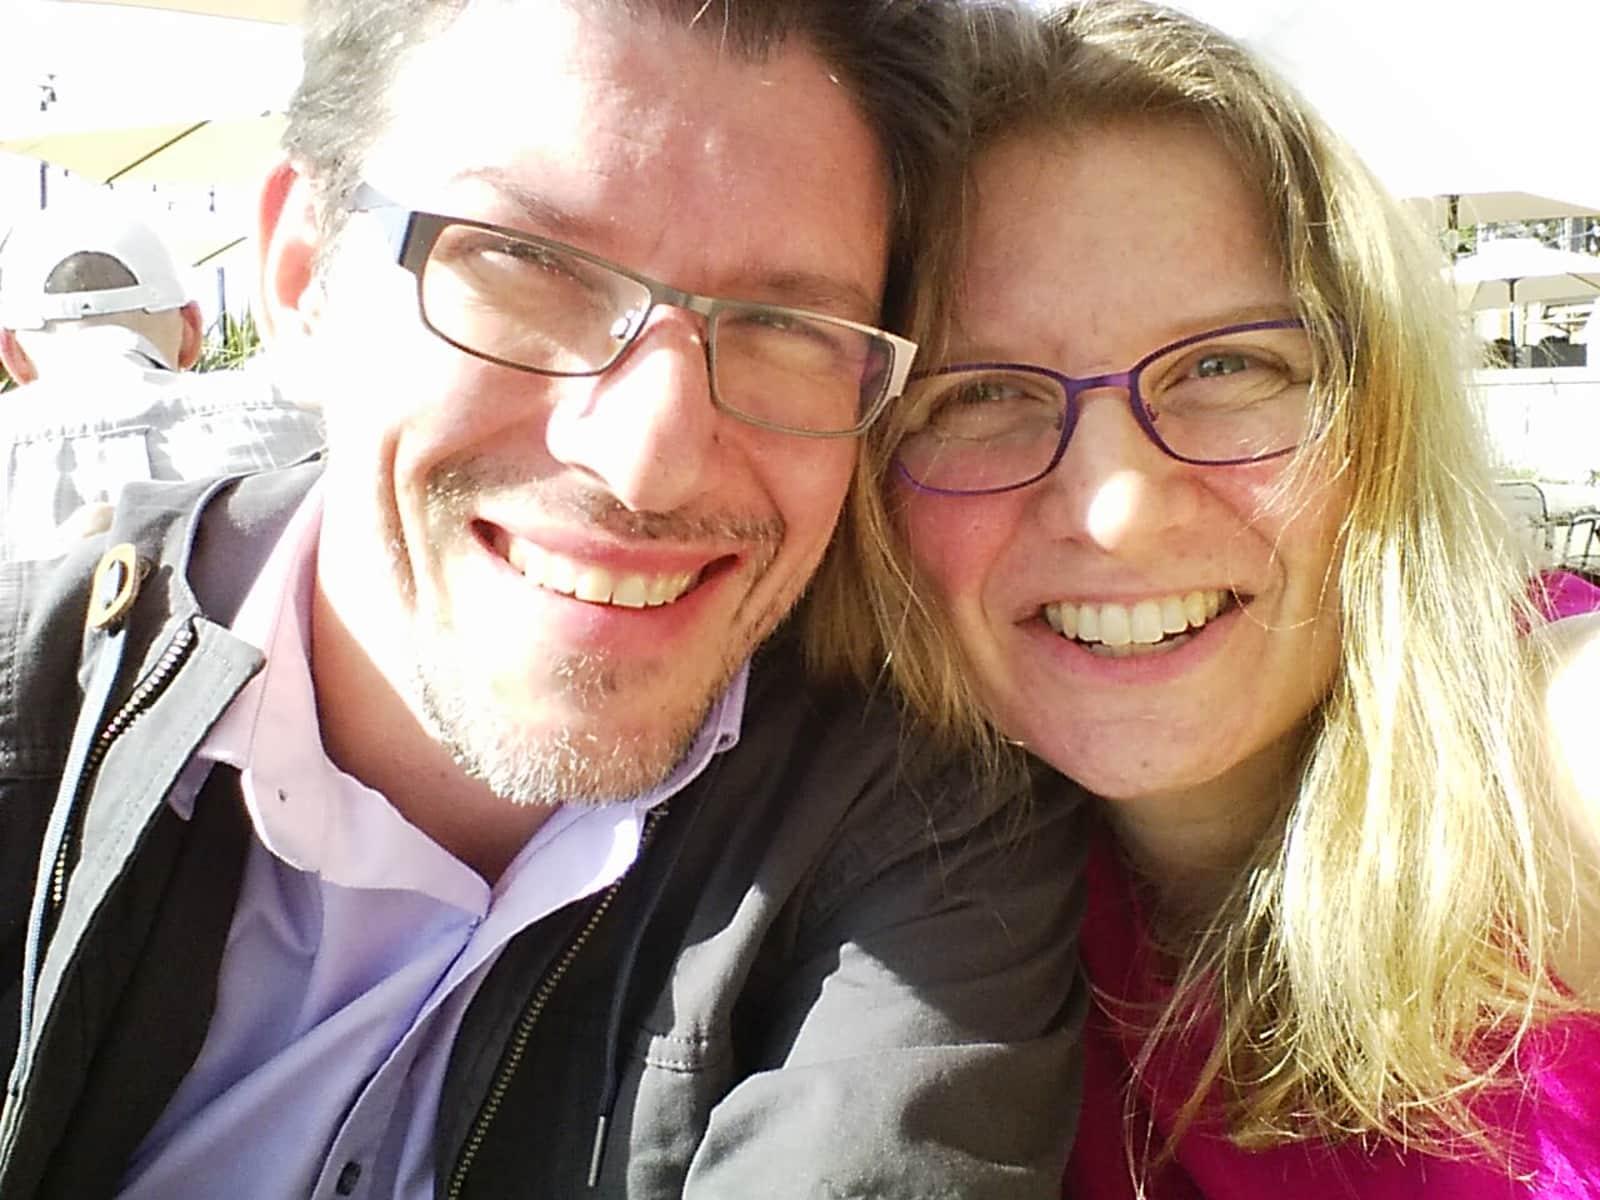 Dora & Jeremy from Victoria, British Columbia, Canada